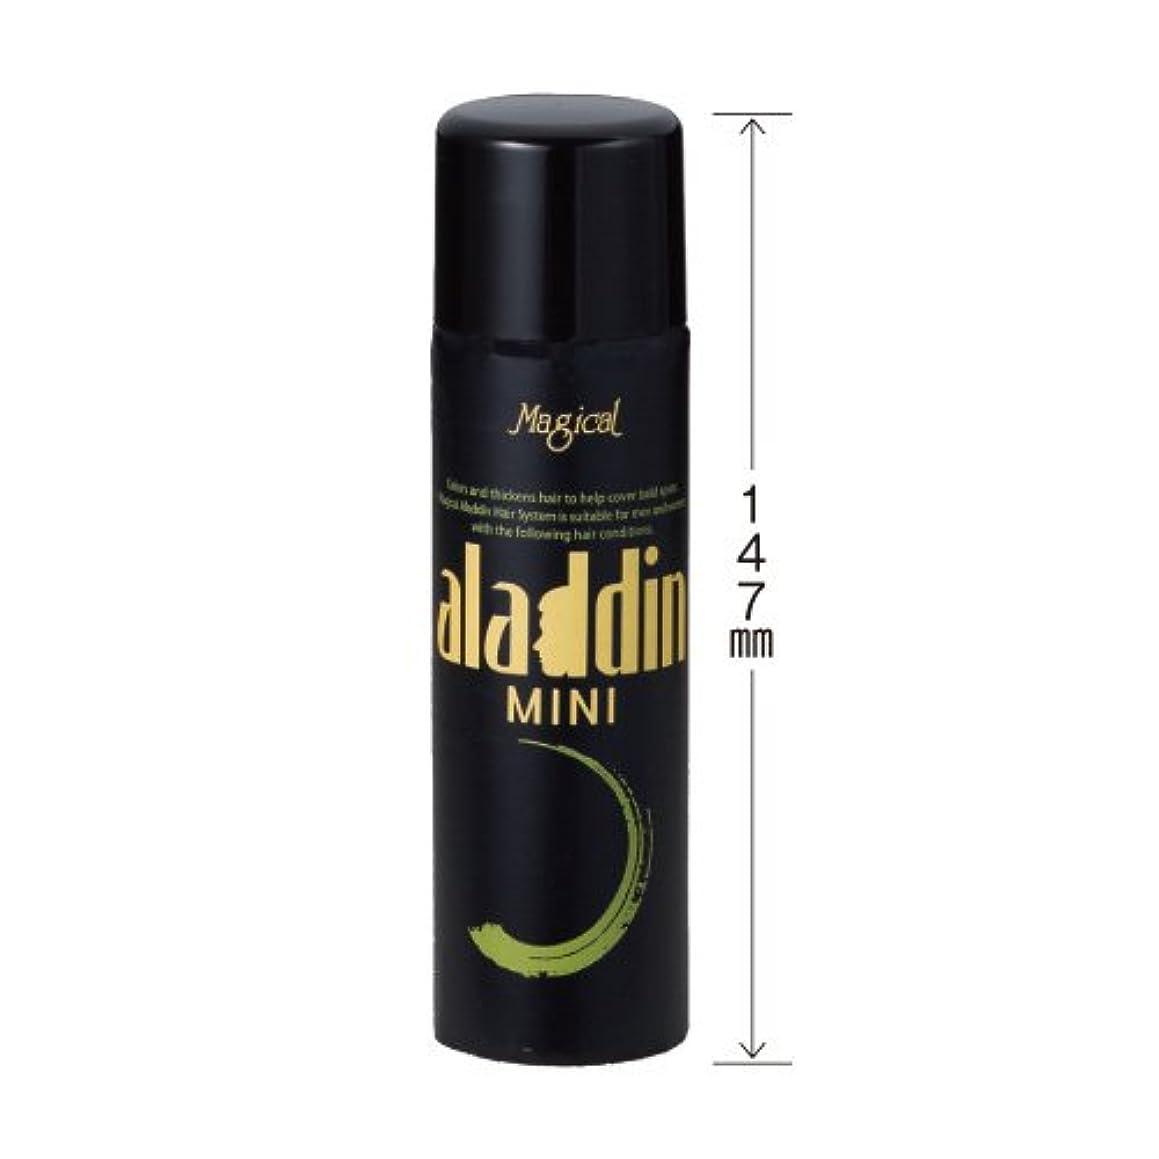 鉛活力体現するアラジンミニ 携帯用増毛スプレー60g